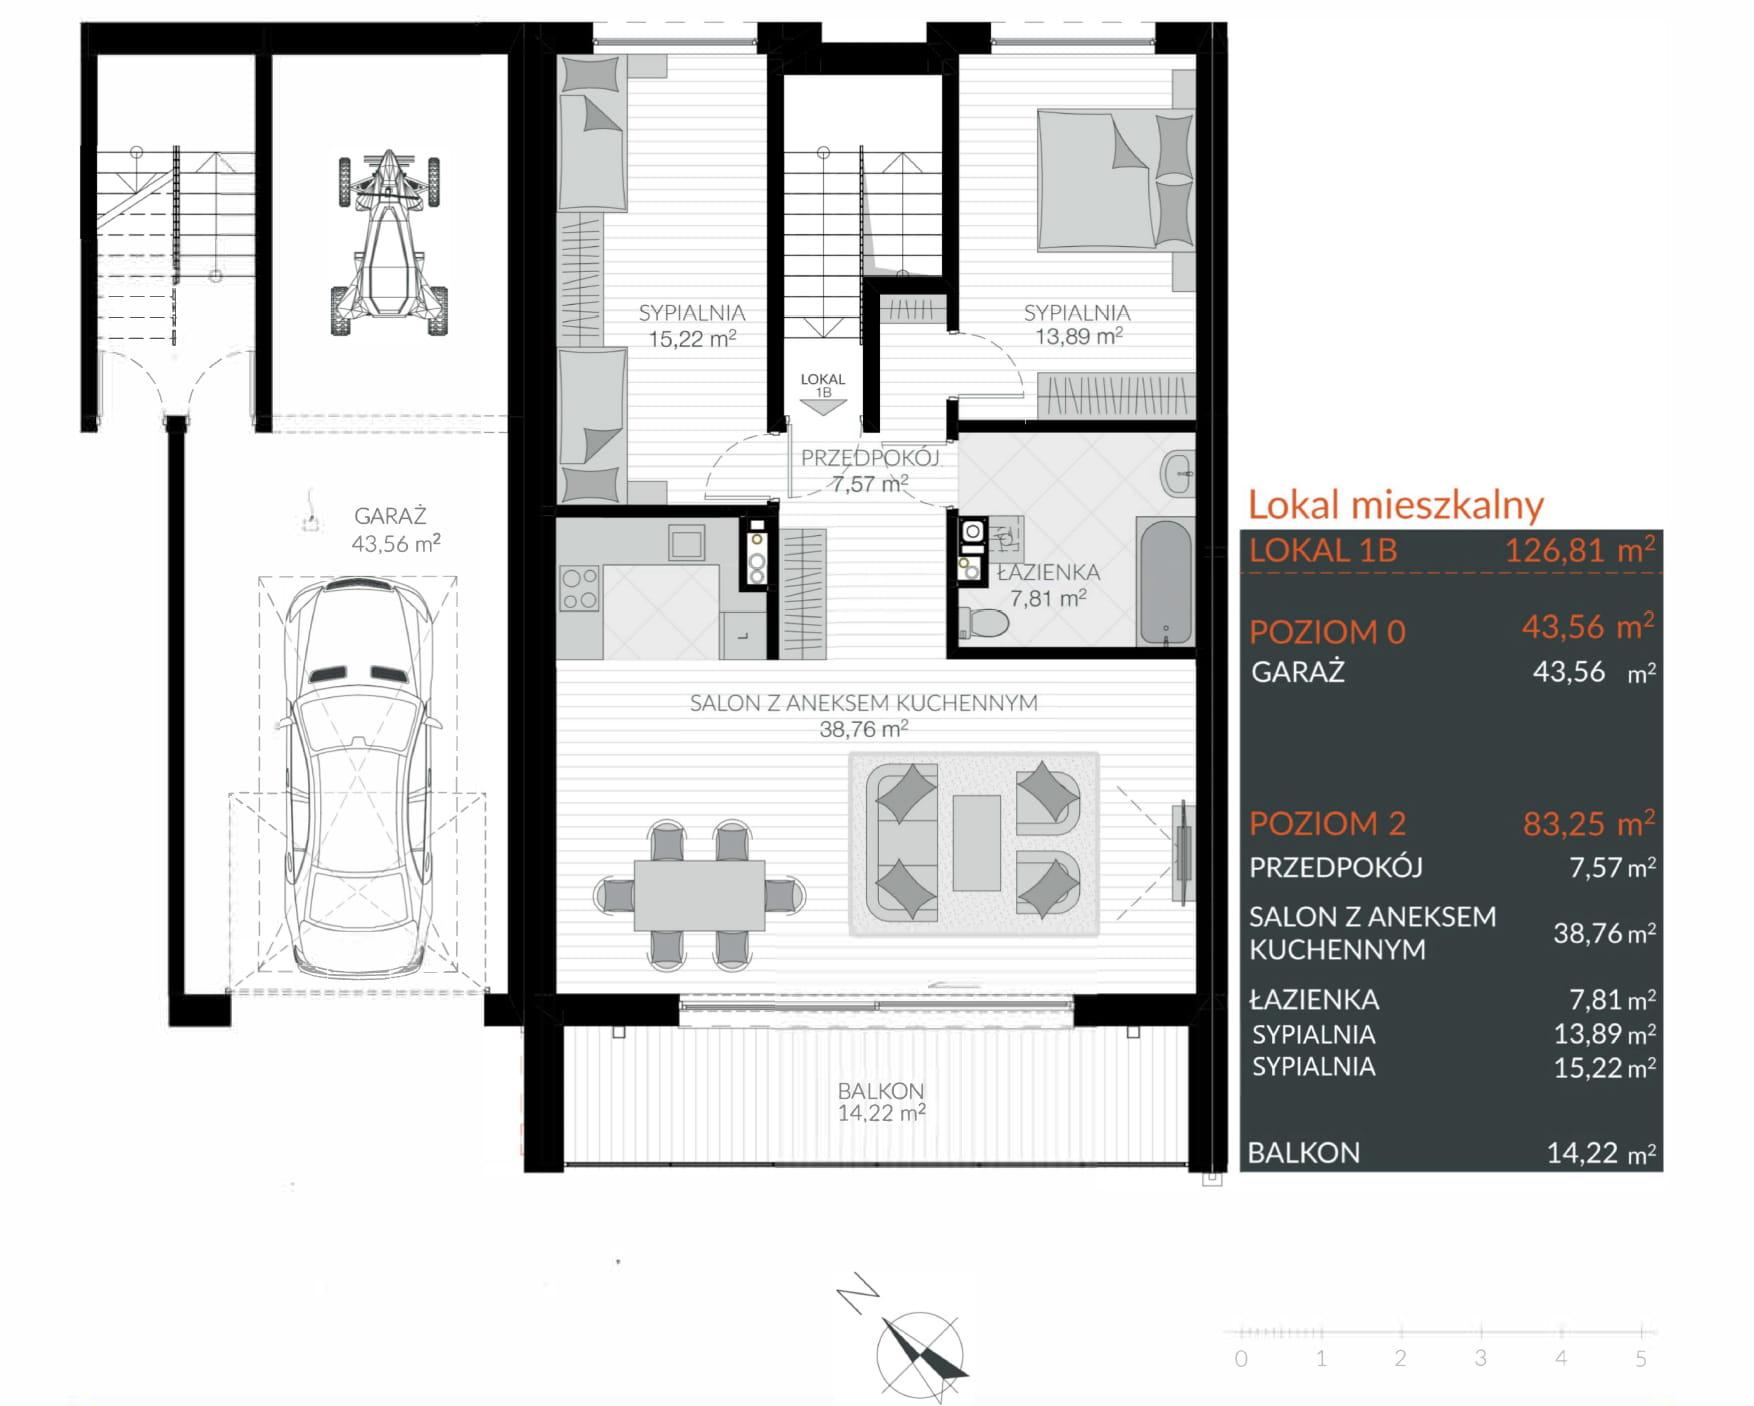 Apartamenty Kamienna / apartamenty inwestycyjne 1B rzut 1